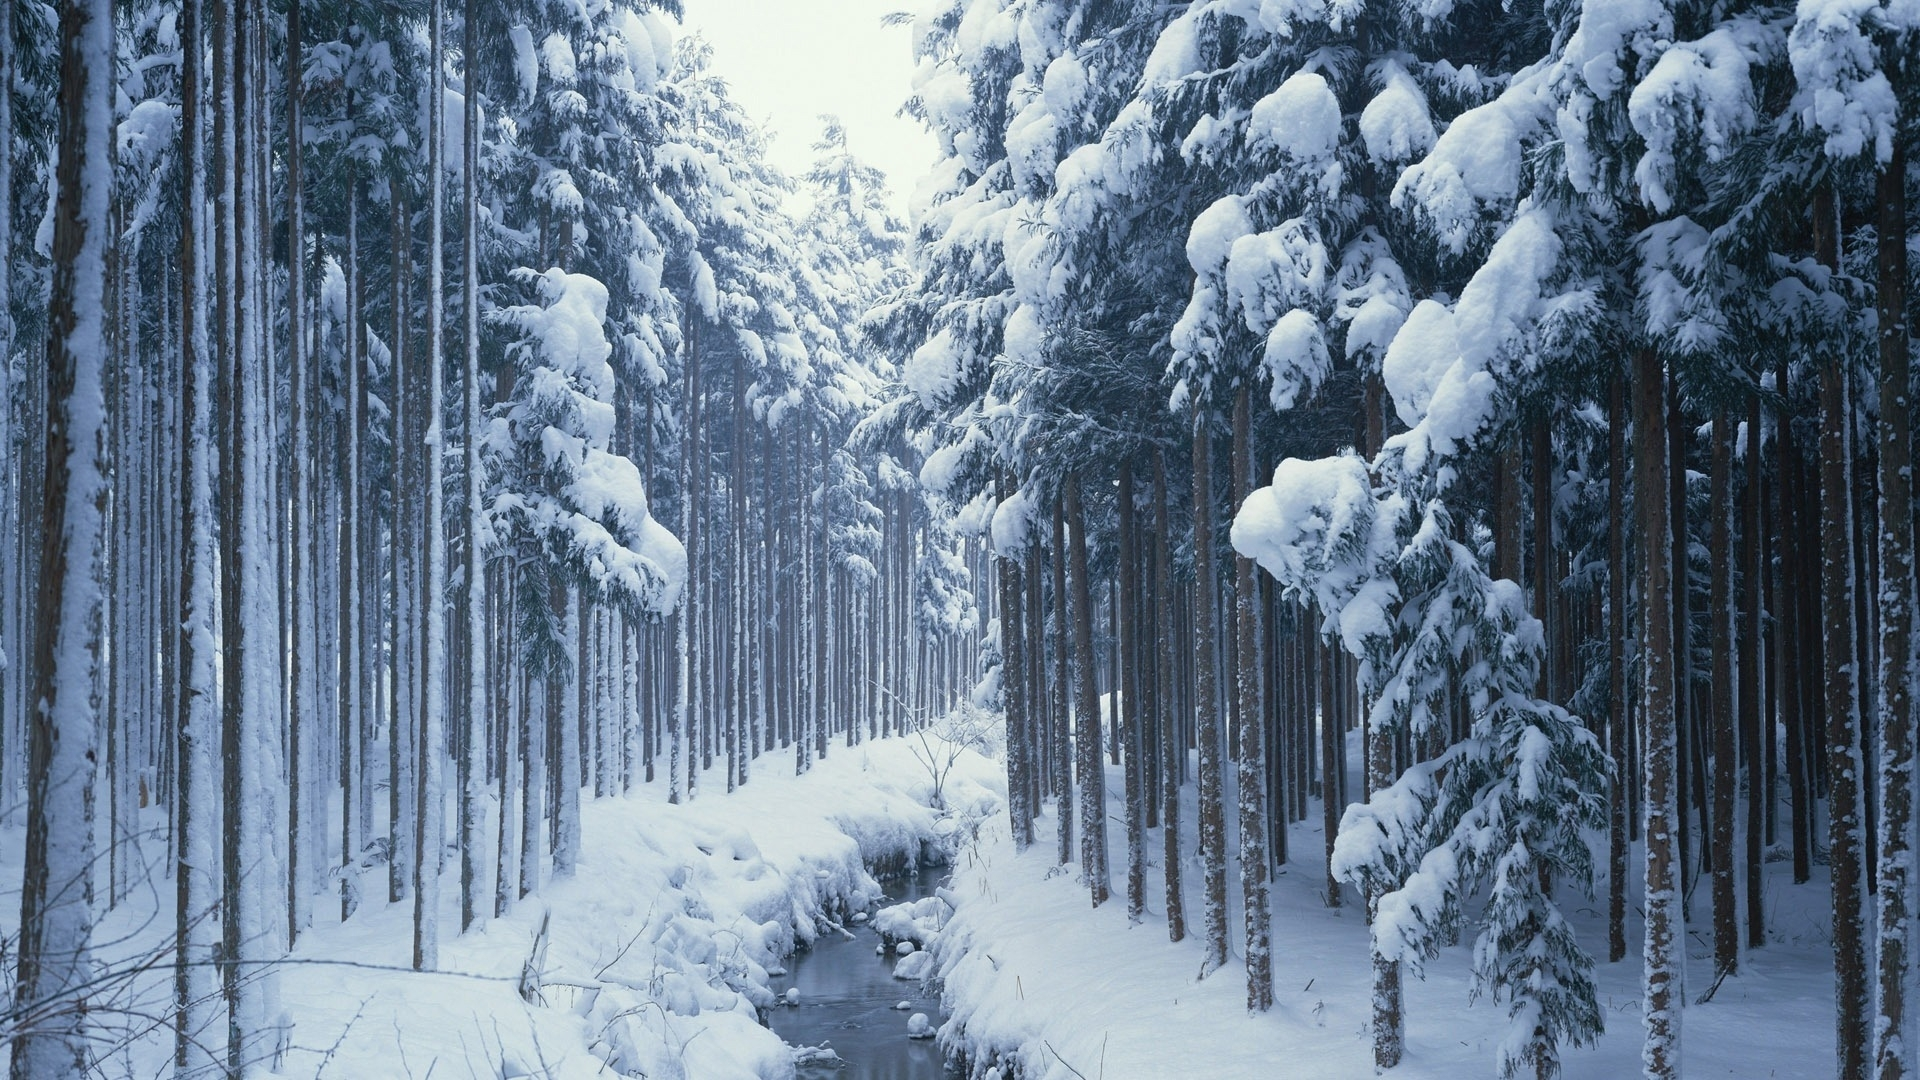 27442 скачать обои Пейзаж, Зима, Река, Деревья, Снег - заставки и картинки бесплатно